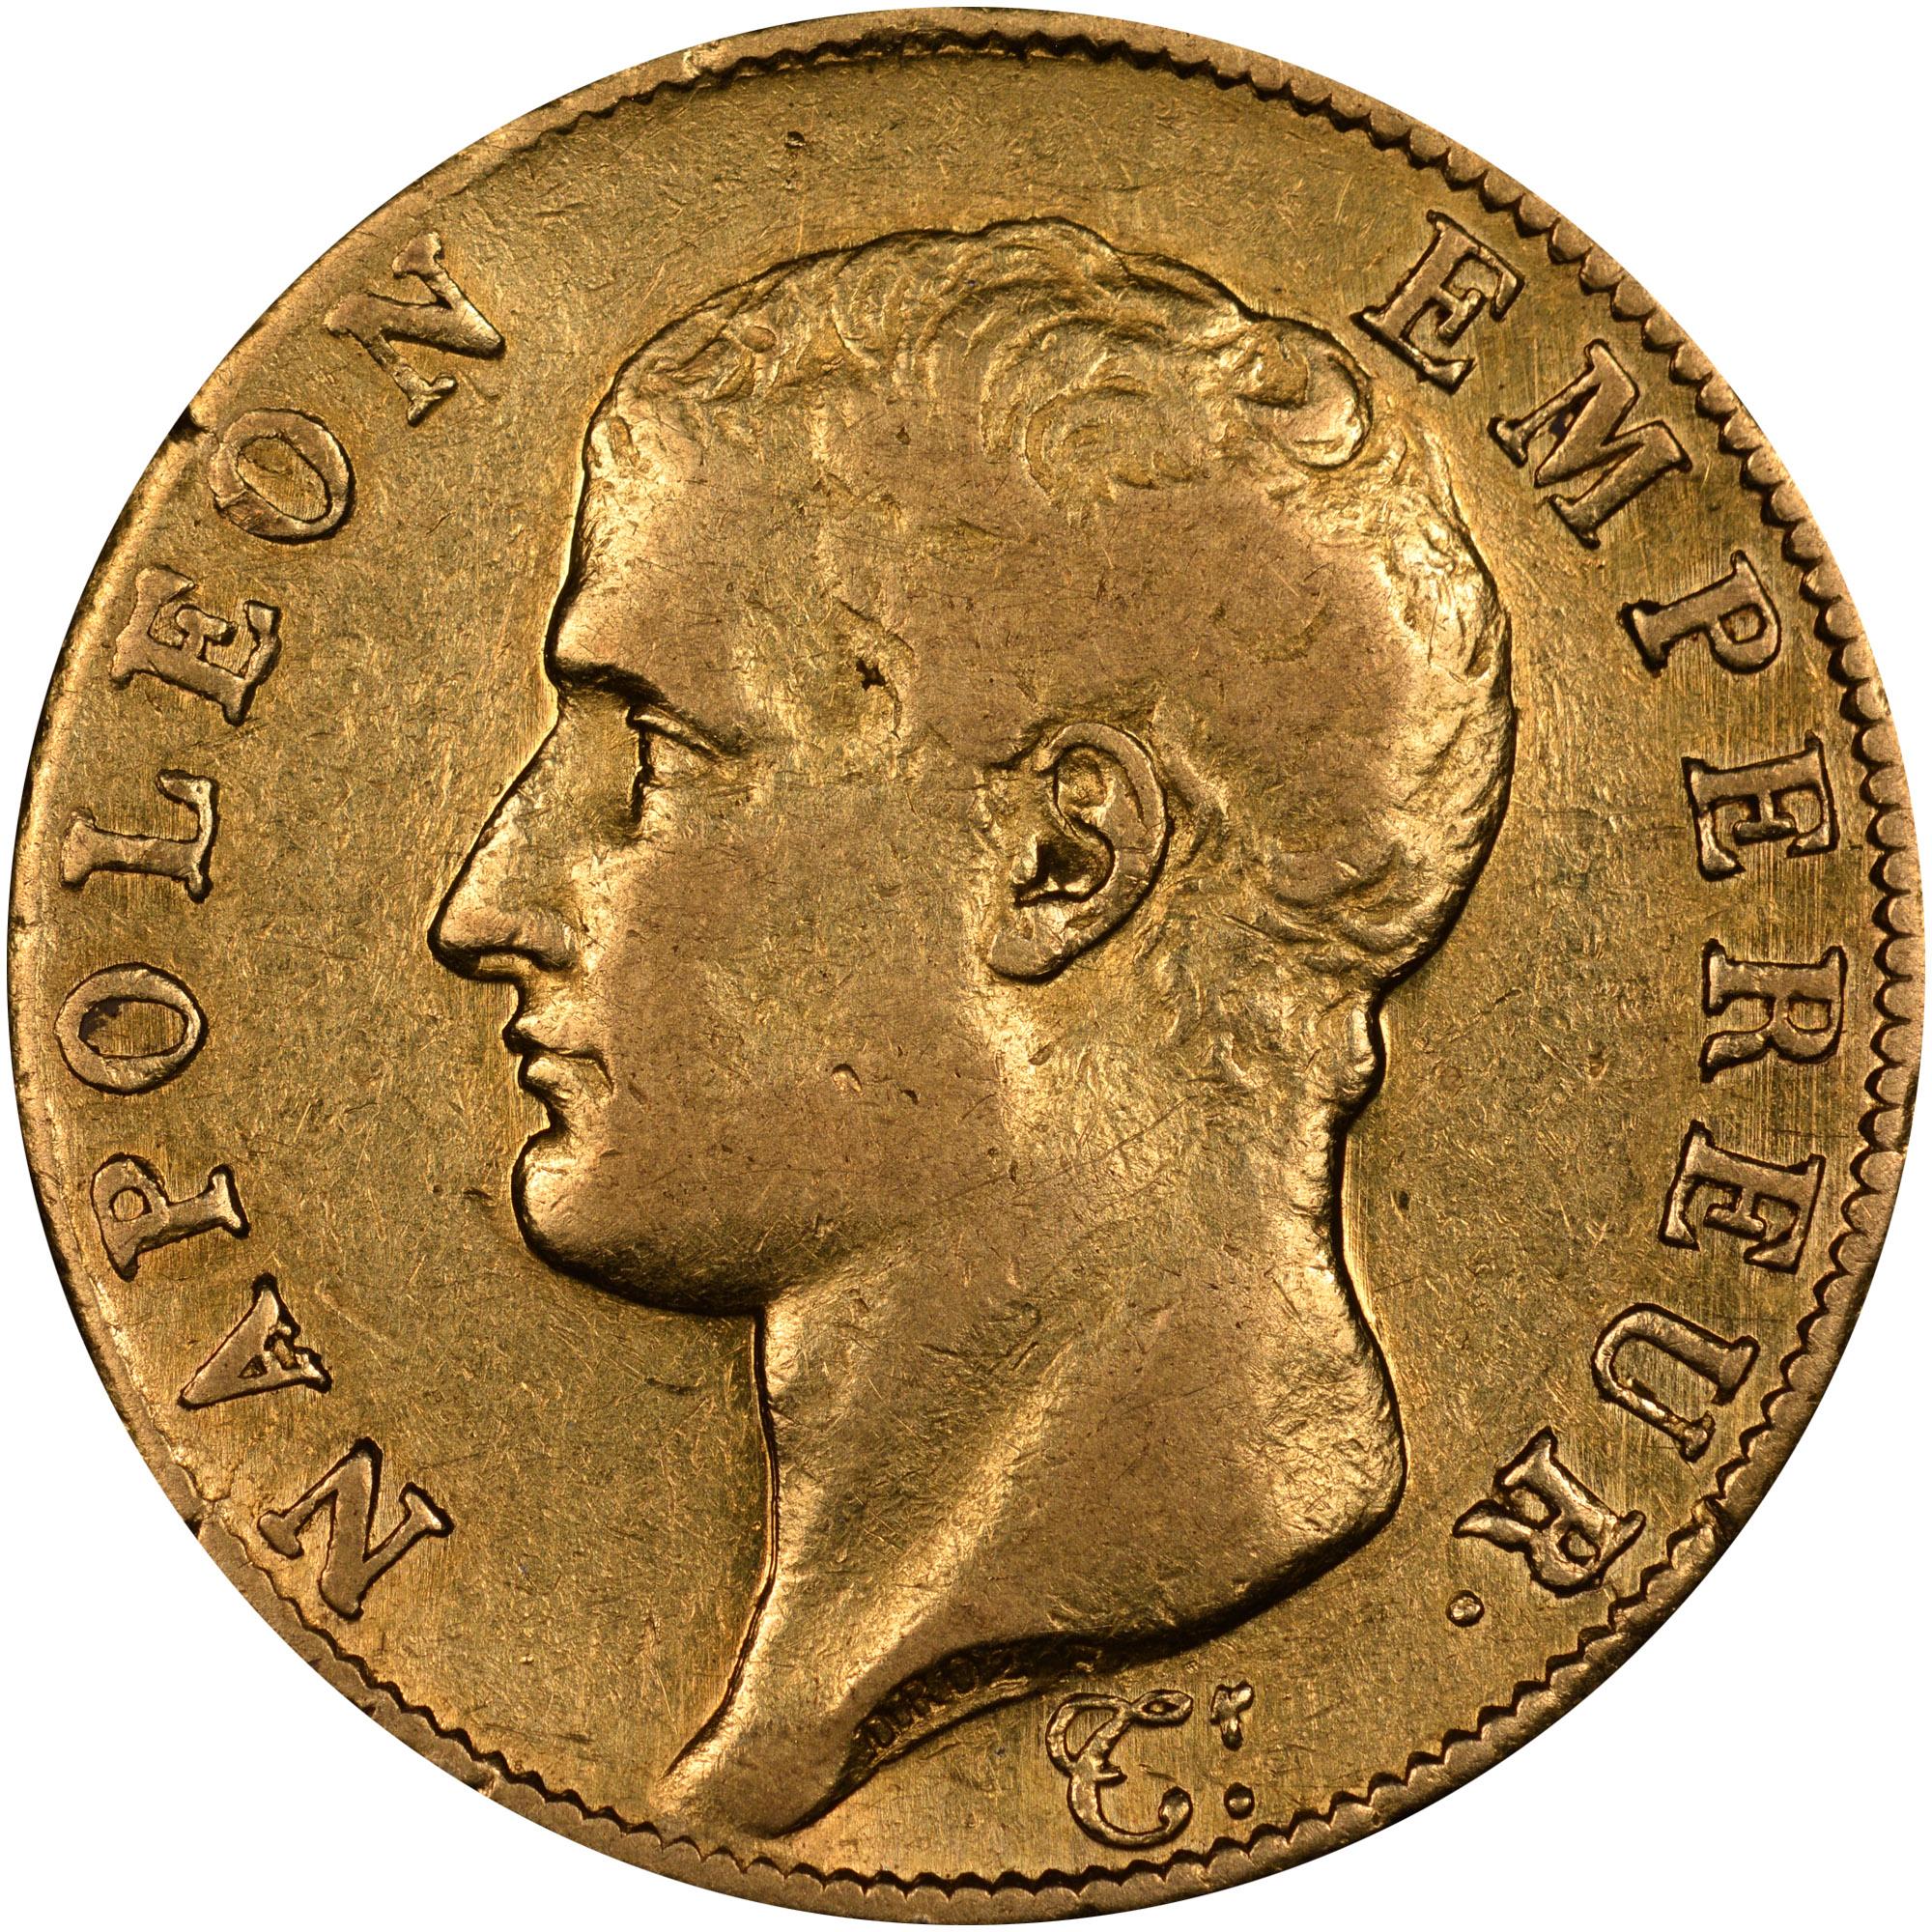 France 40 Francs obverse